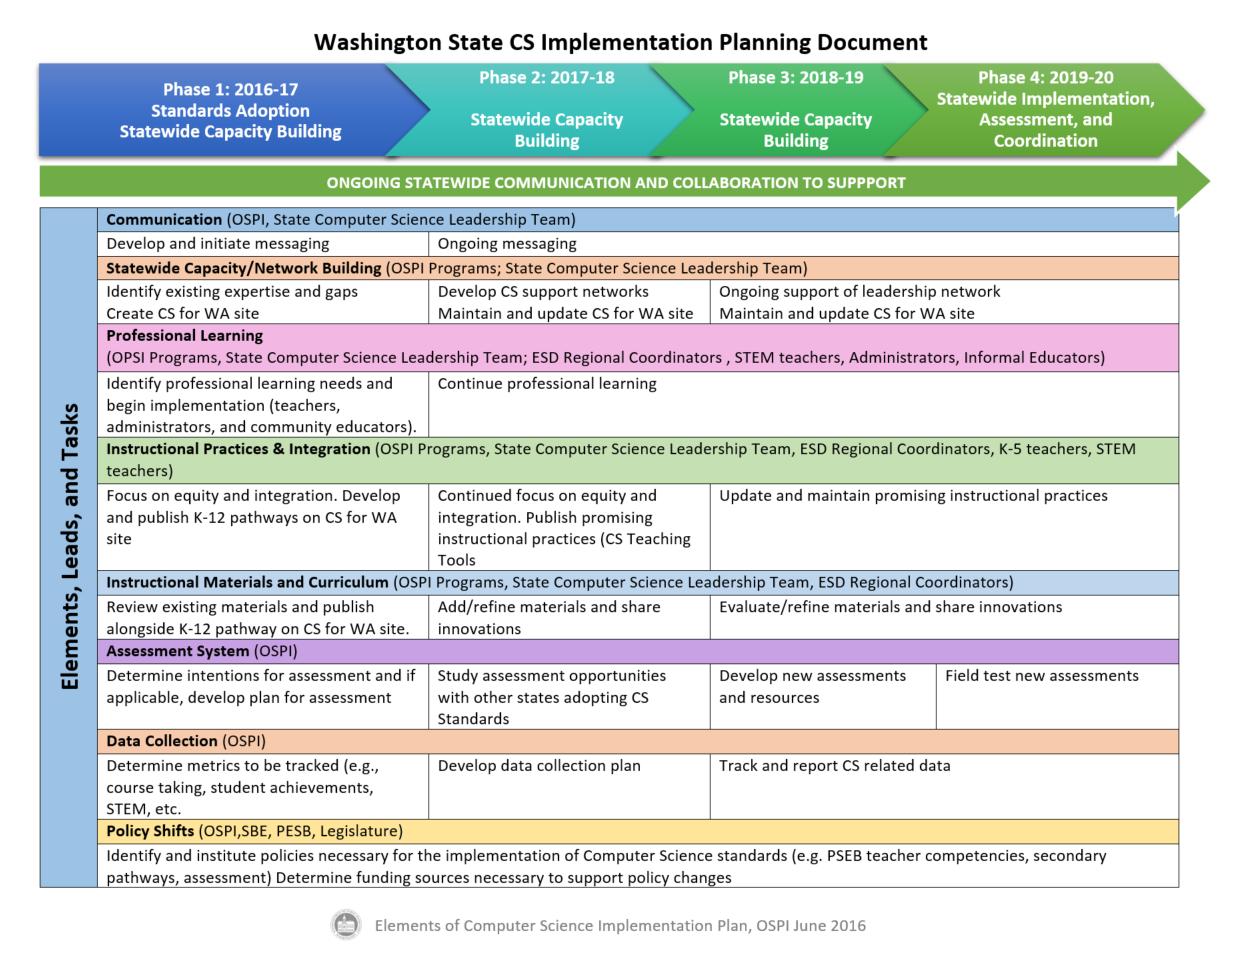 ospi implementation science computer planning esa certification